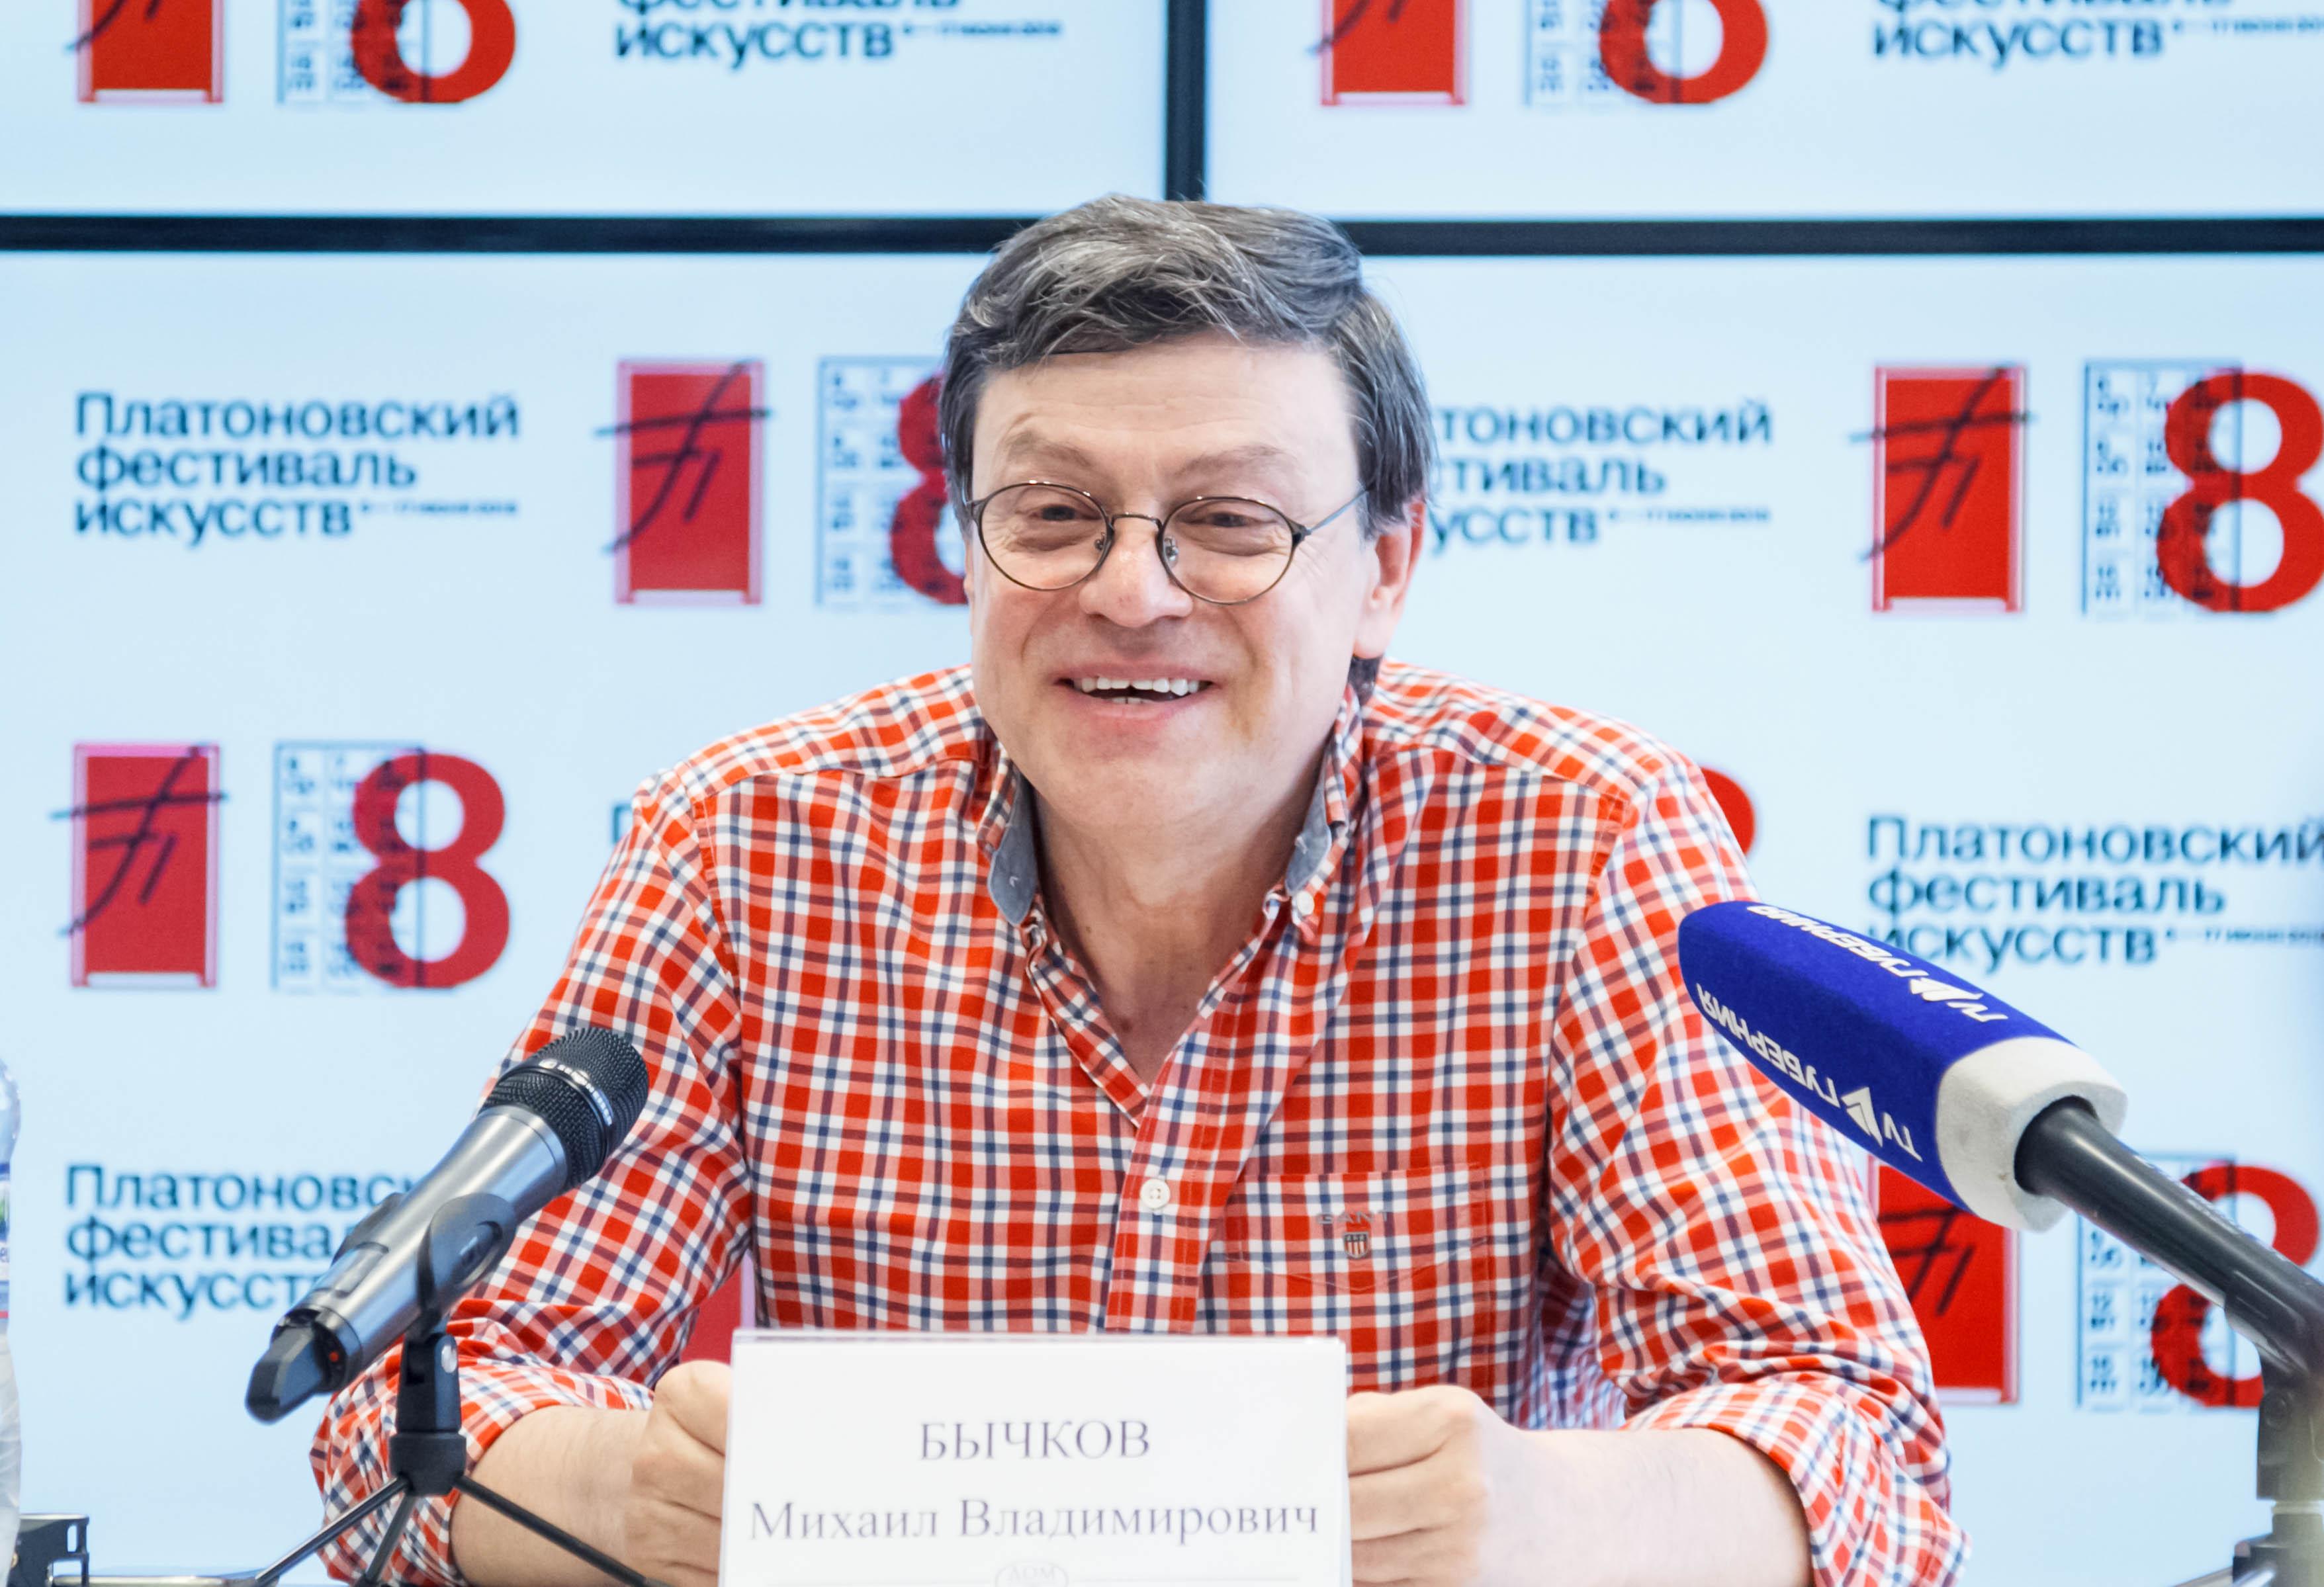 Воронежский Платоновфест из-за пандемии могут разделить на две части